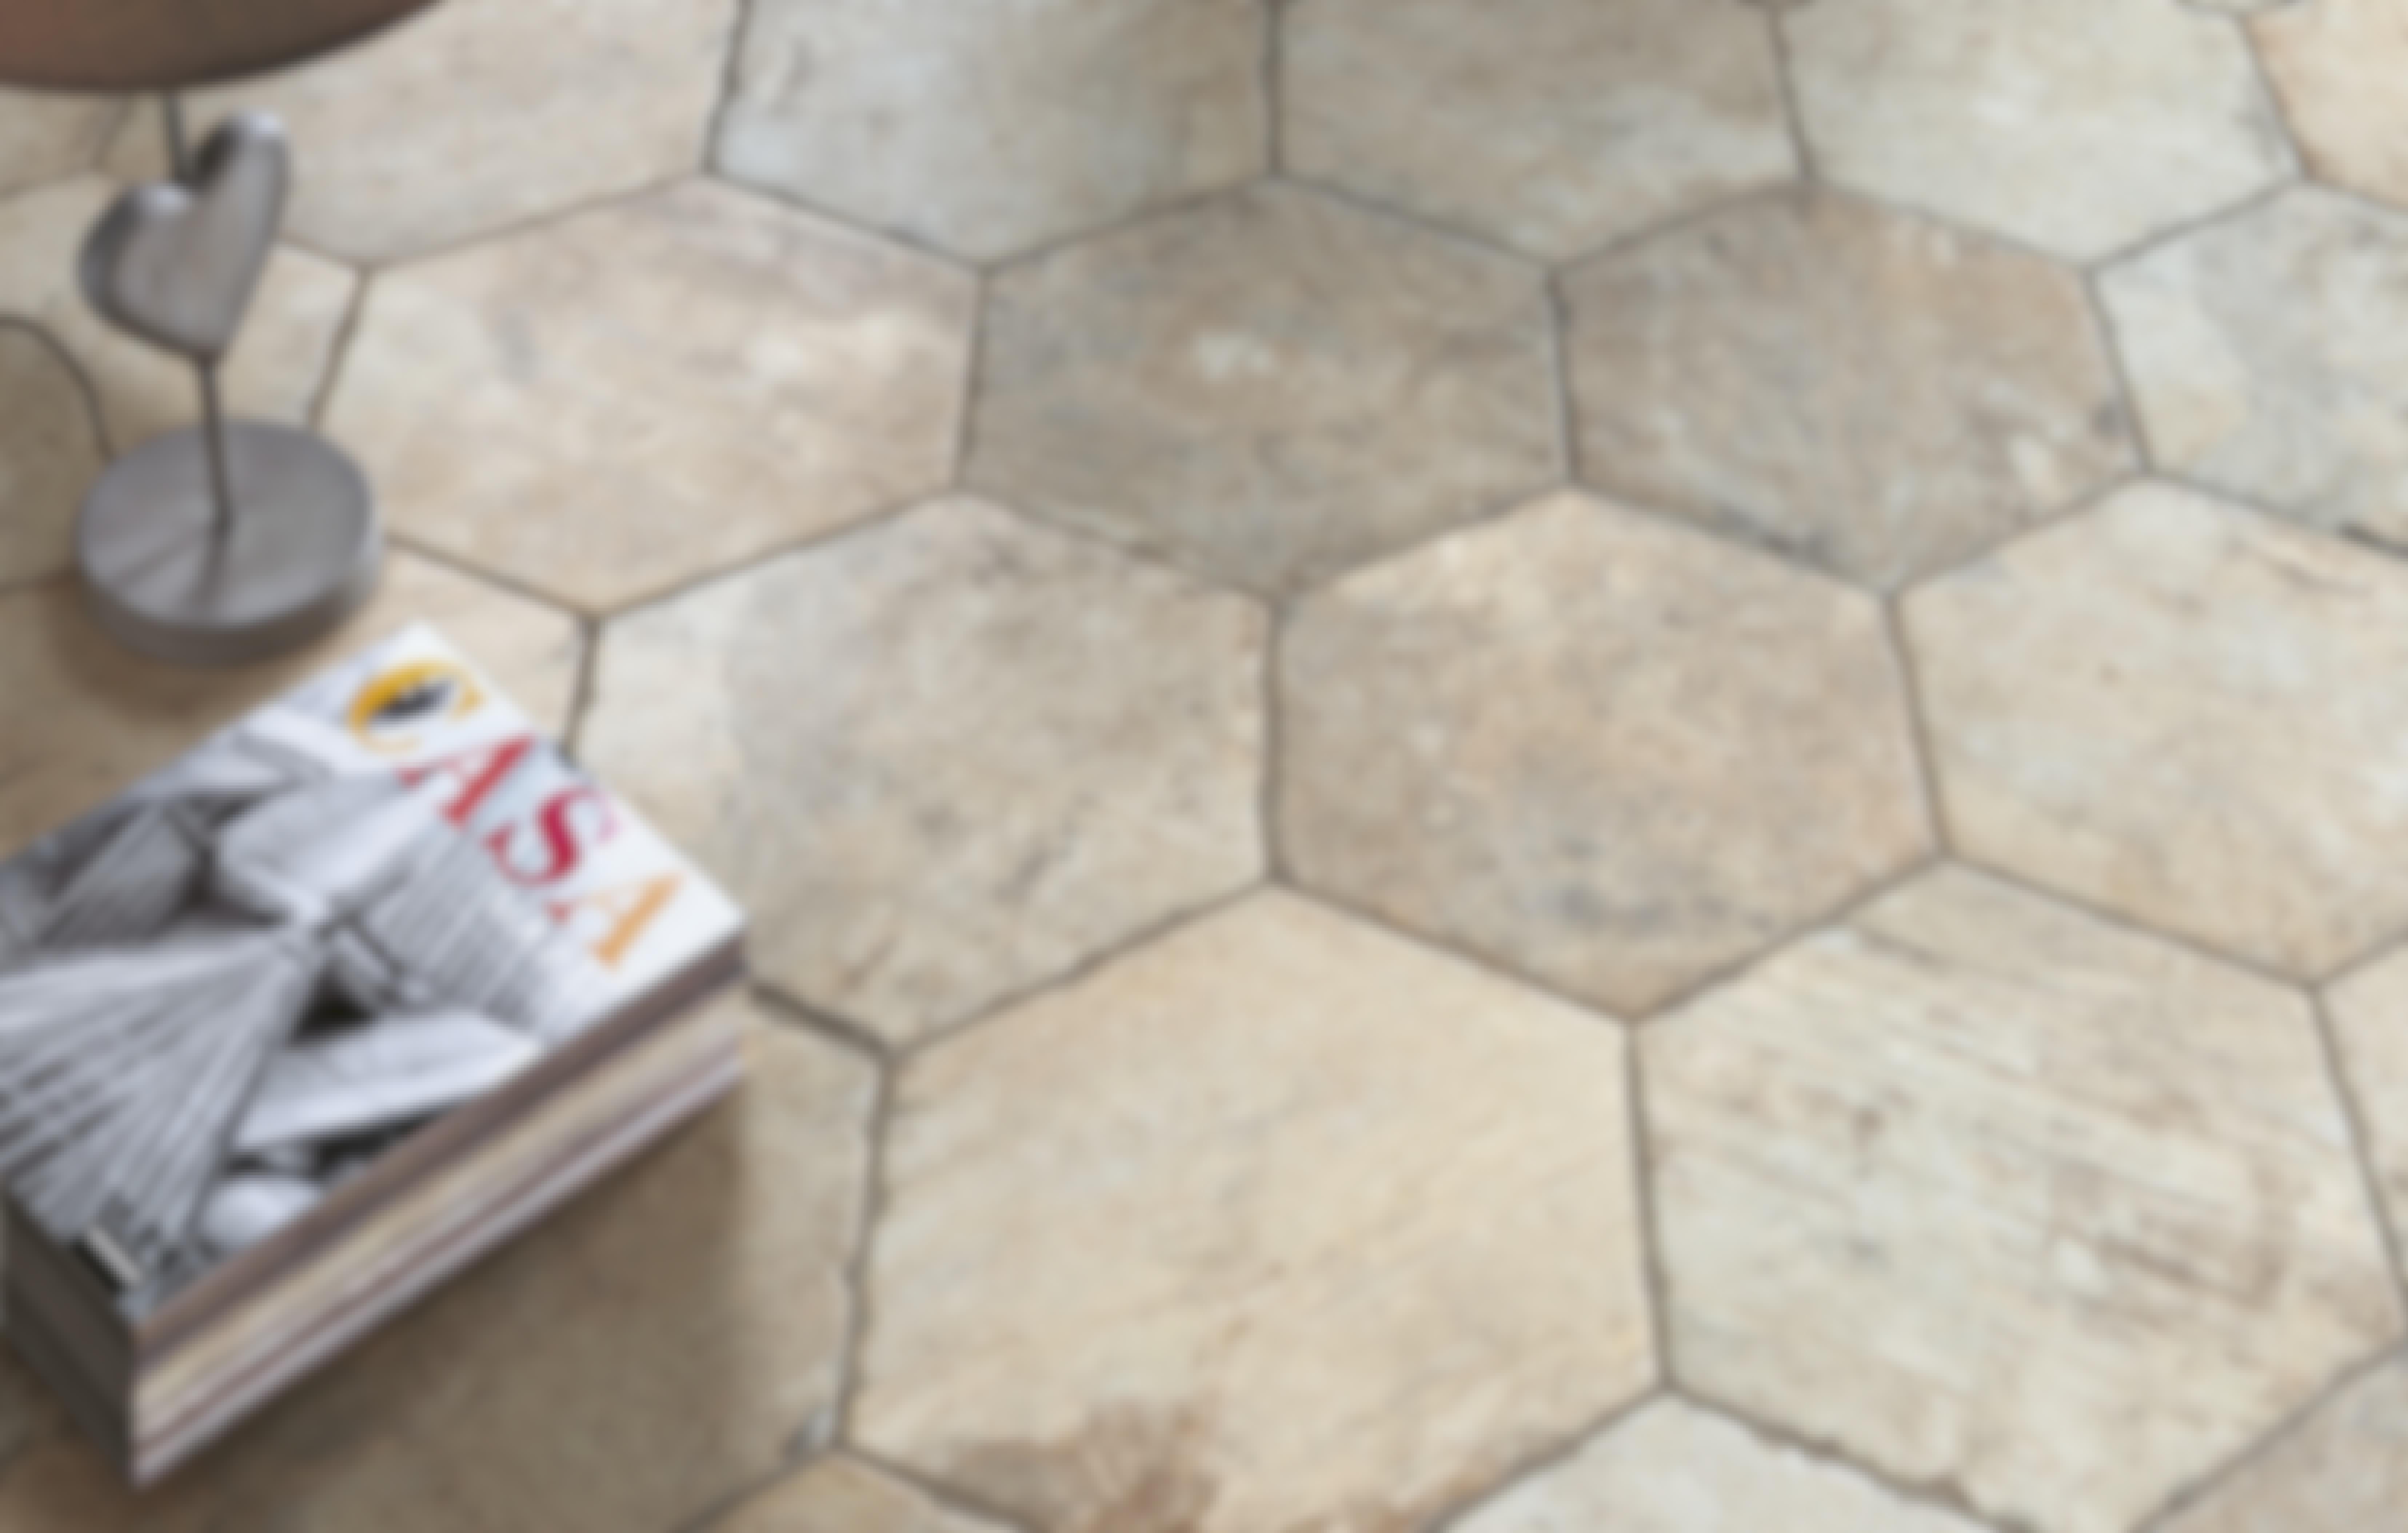 **VANLIGE KERAMISKE FLISER** Vanlige keramiske fliser er mykere enn de hardtbrente, og det vi oftest broker på vegger, men de kan også legges på gulv. I utgangspunktet til innebruk, men frostsikre varianter kan brukes utendørs.